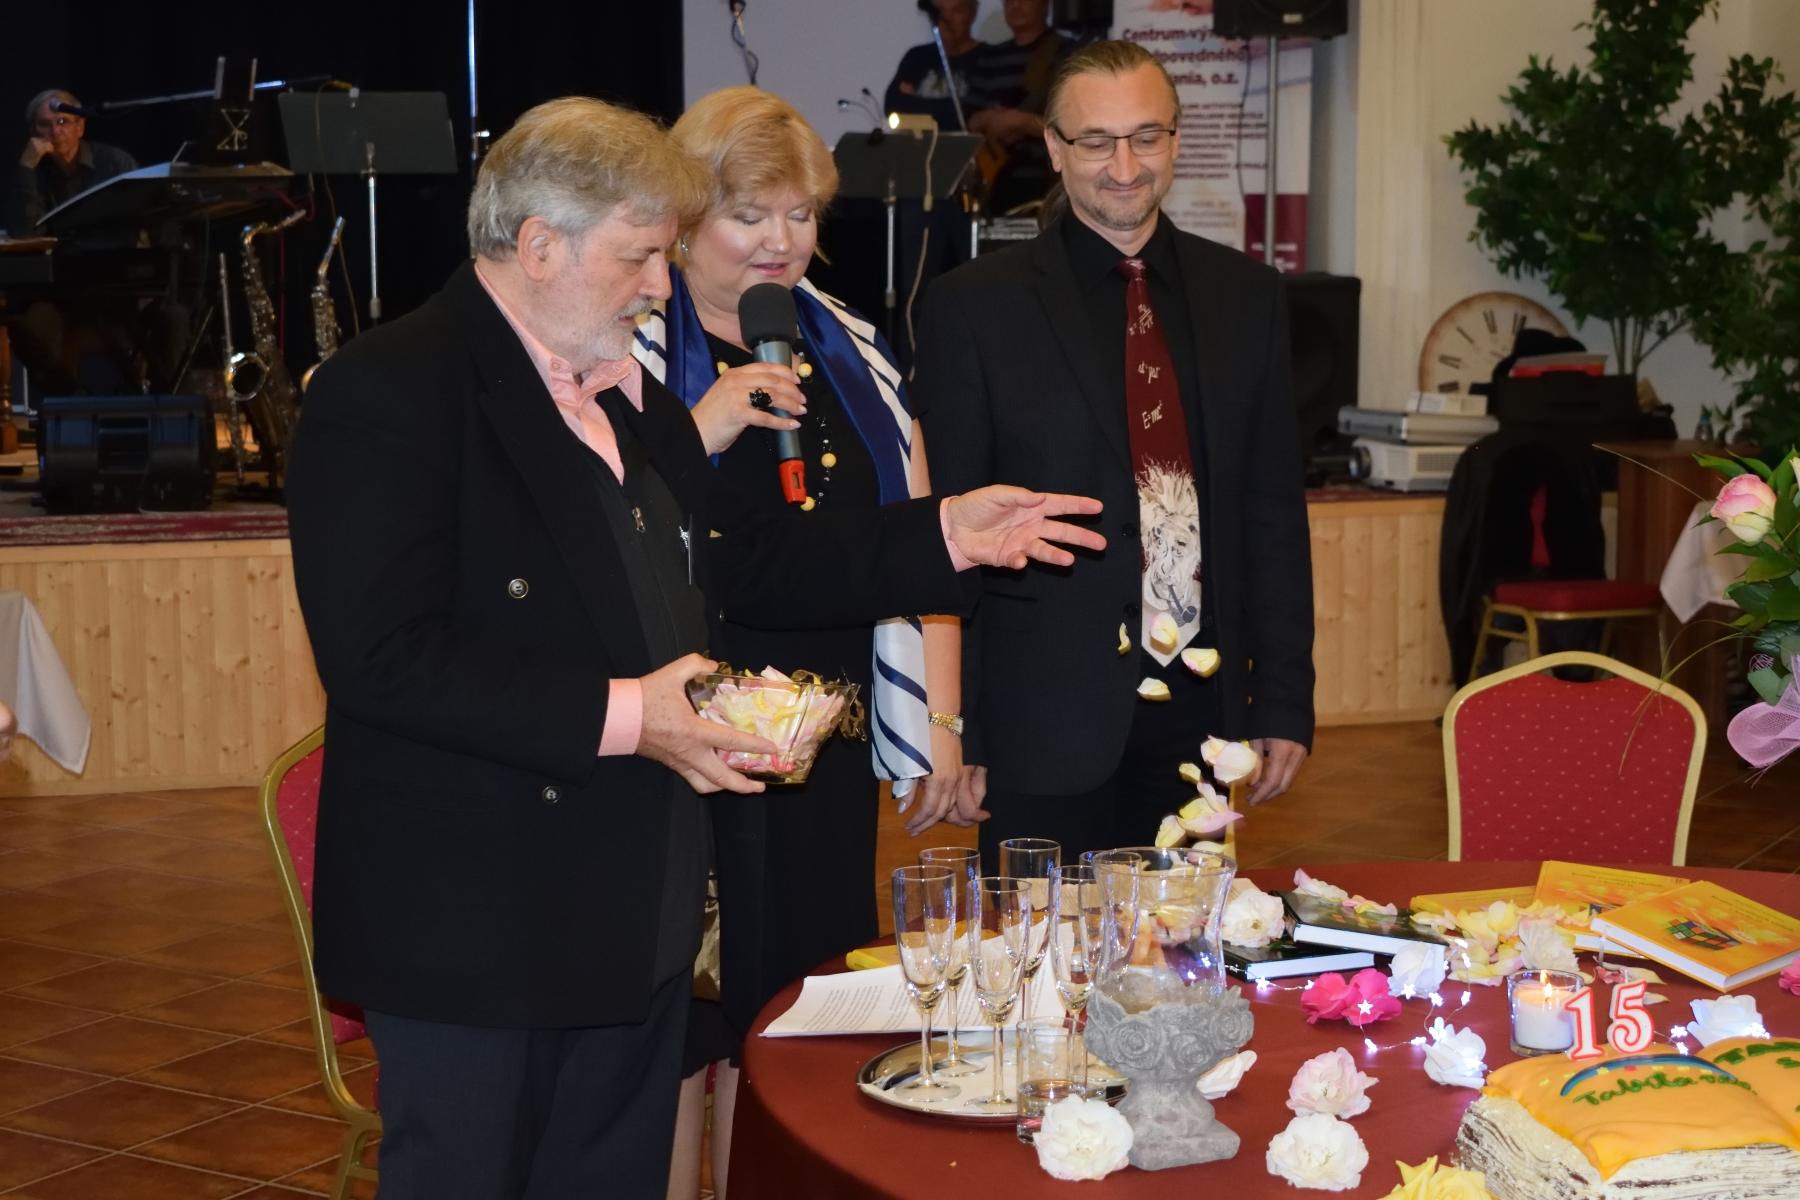 Foto: Krst knihy Kvalita sociálnych služieb v kocke I. a II. lupienkami ruží